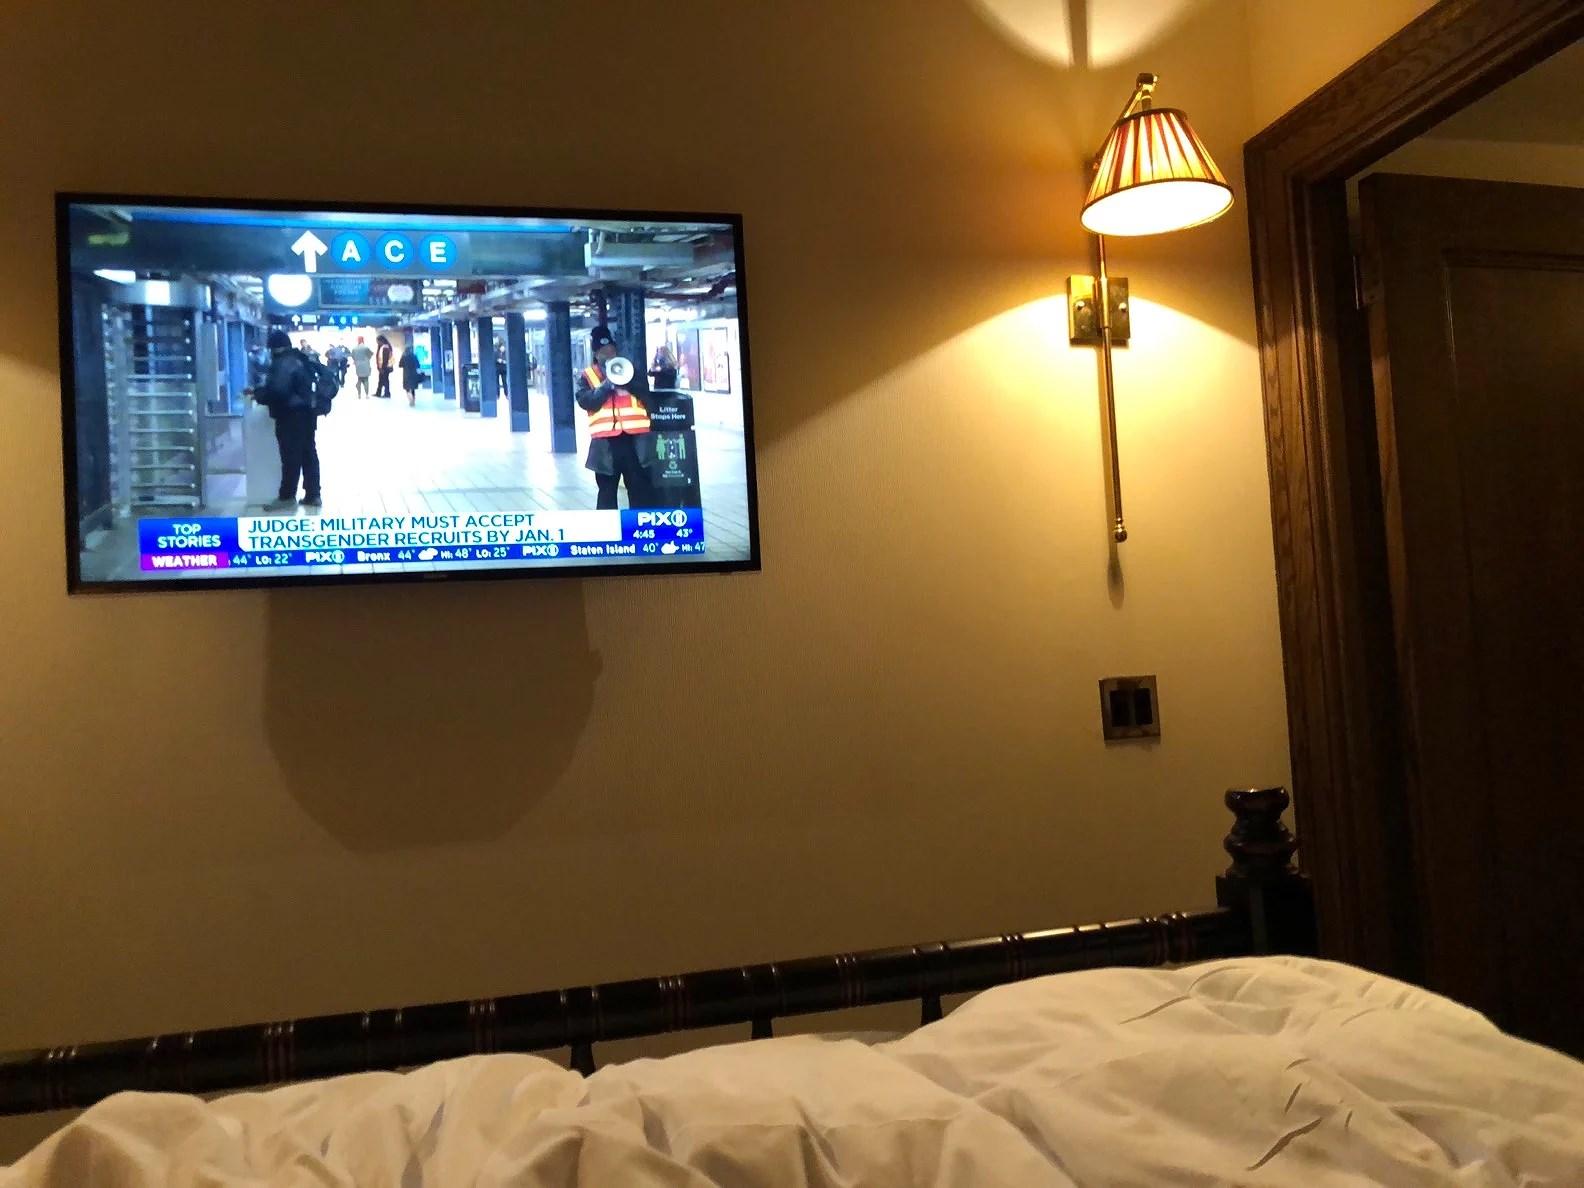 Når man lander i et terror-ramt New York